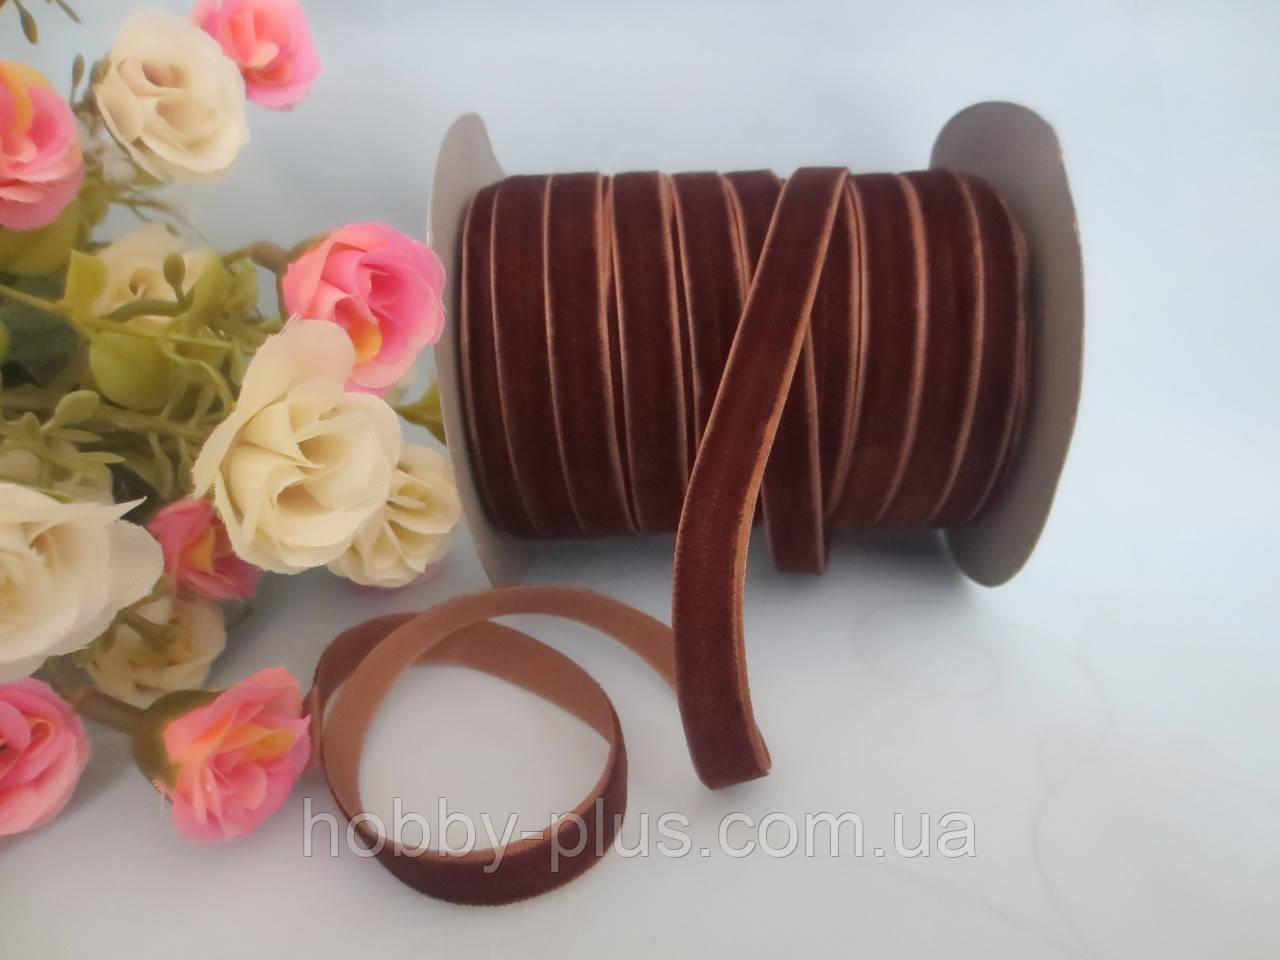 Лента бархатная, 1 см, цвет коричневый